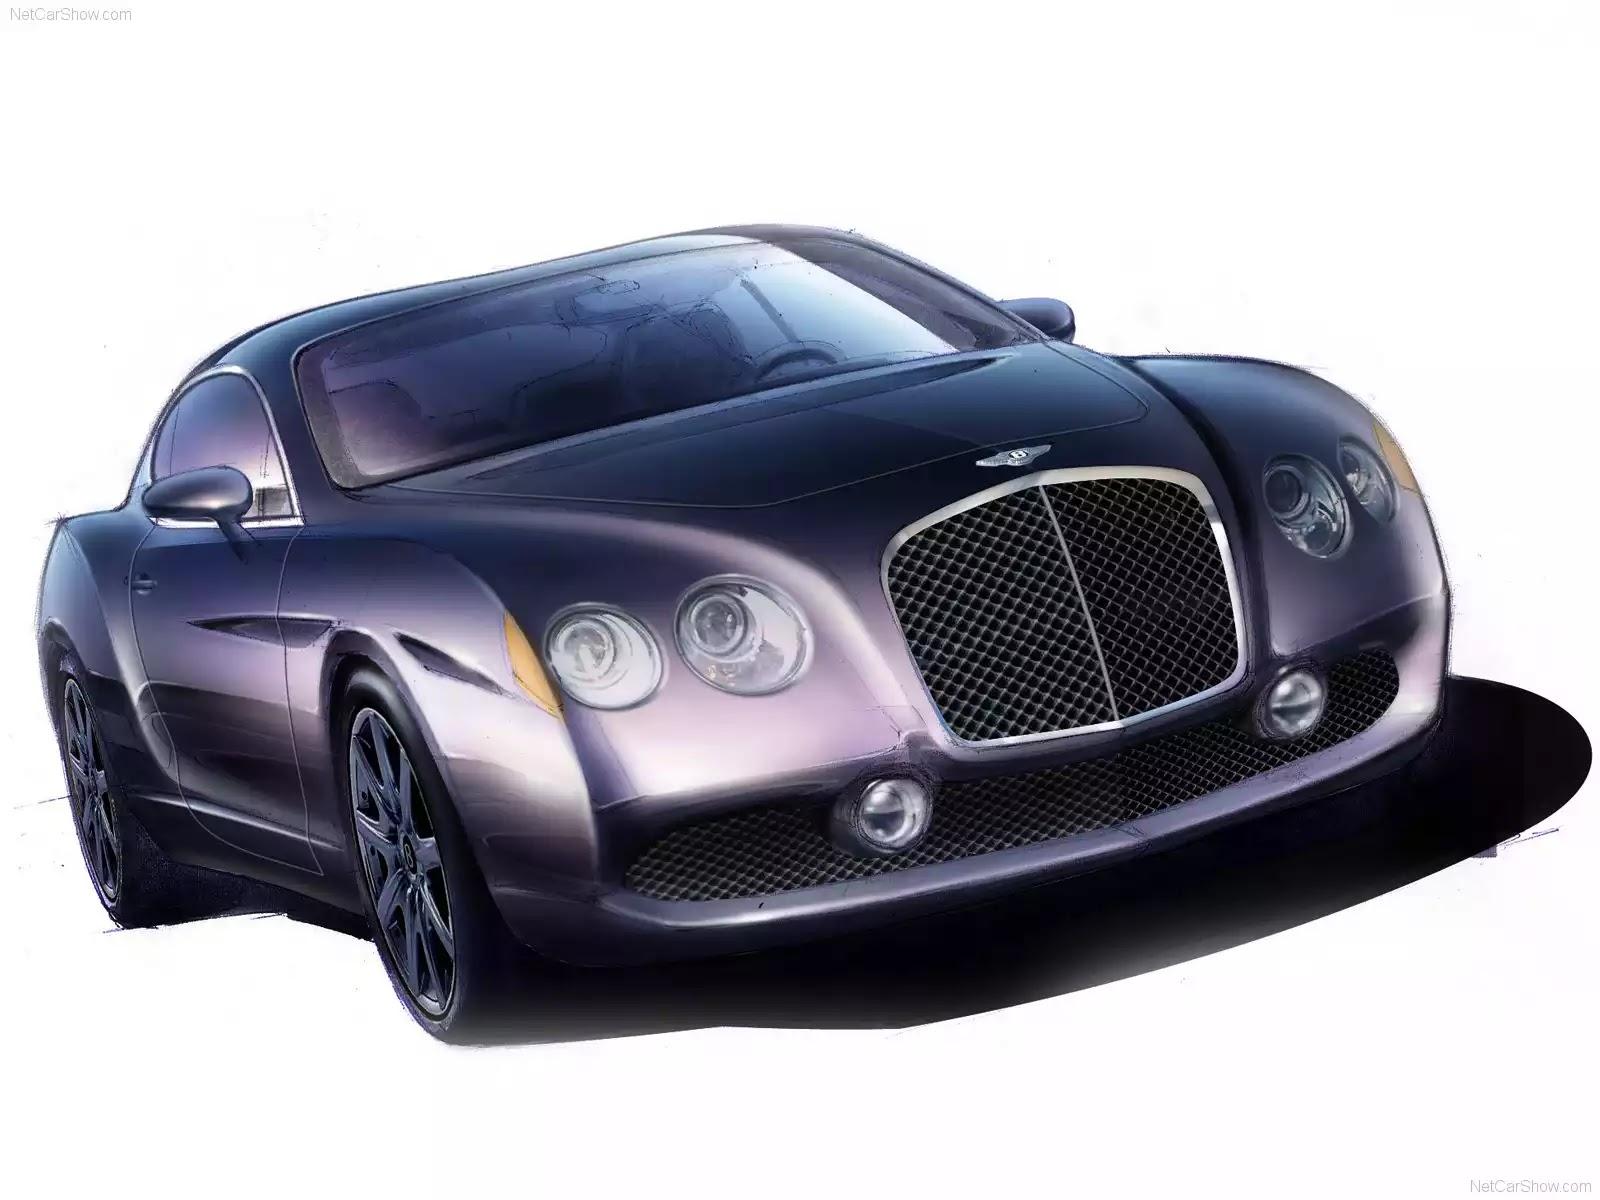 Hình ảnh xe ô tô Bentley GTZ Zagato Concept 2008 & nội ngoại thất